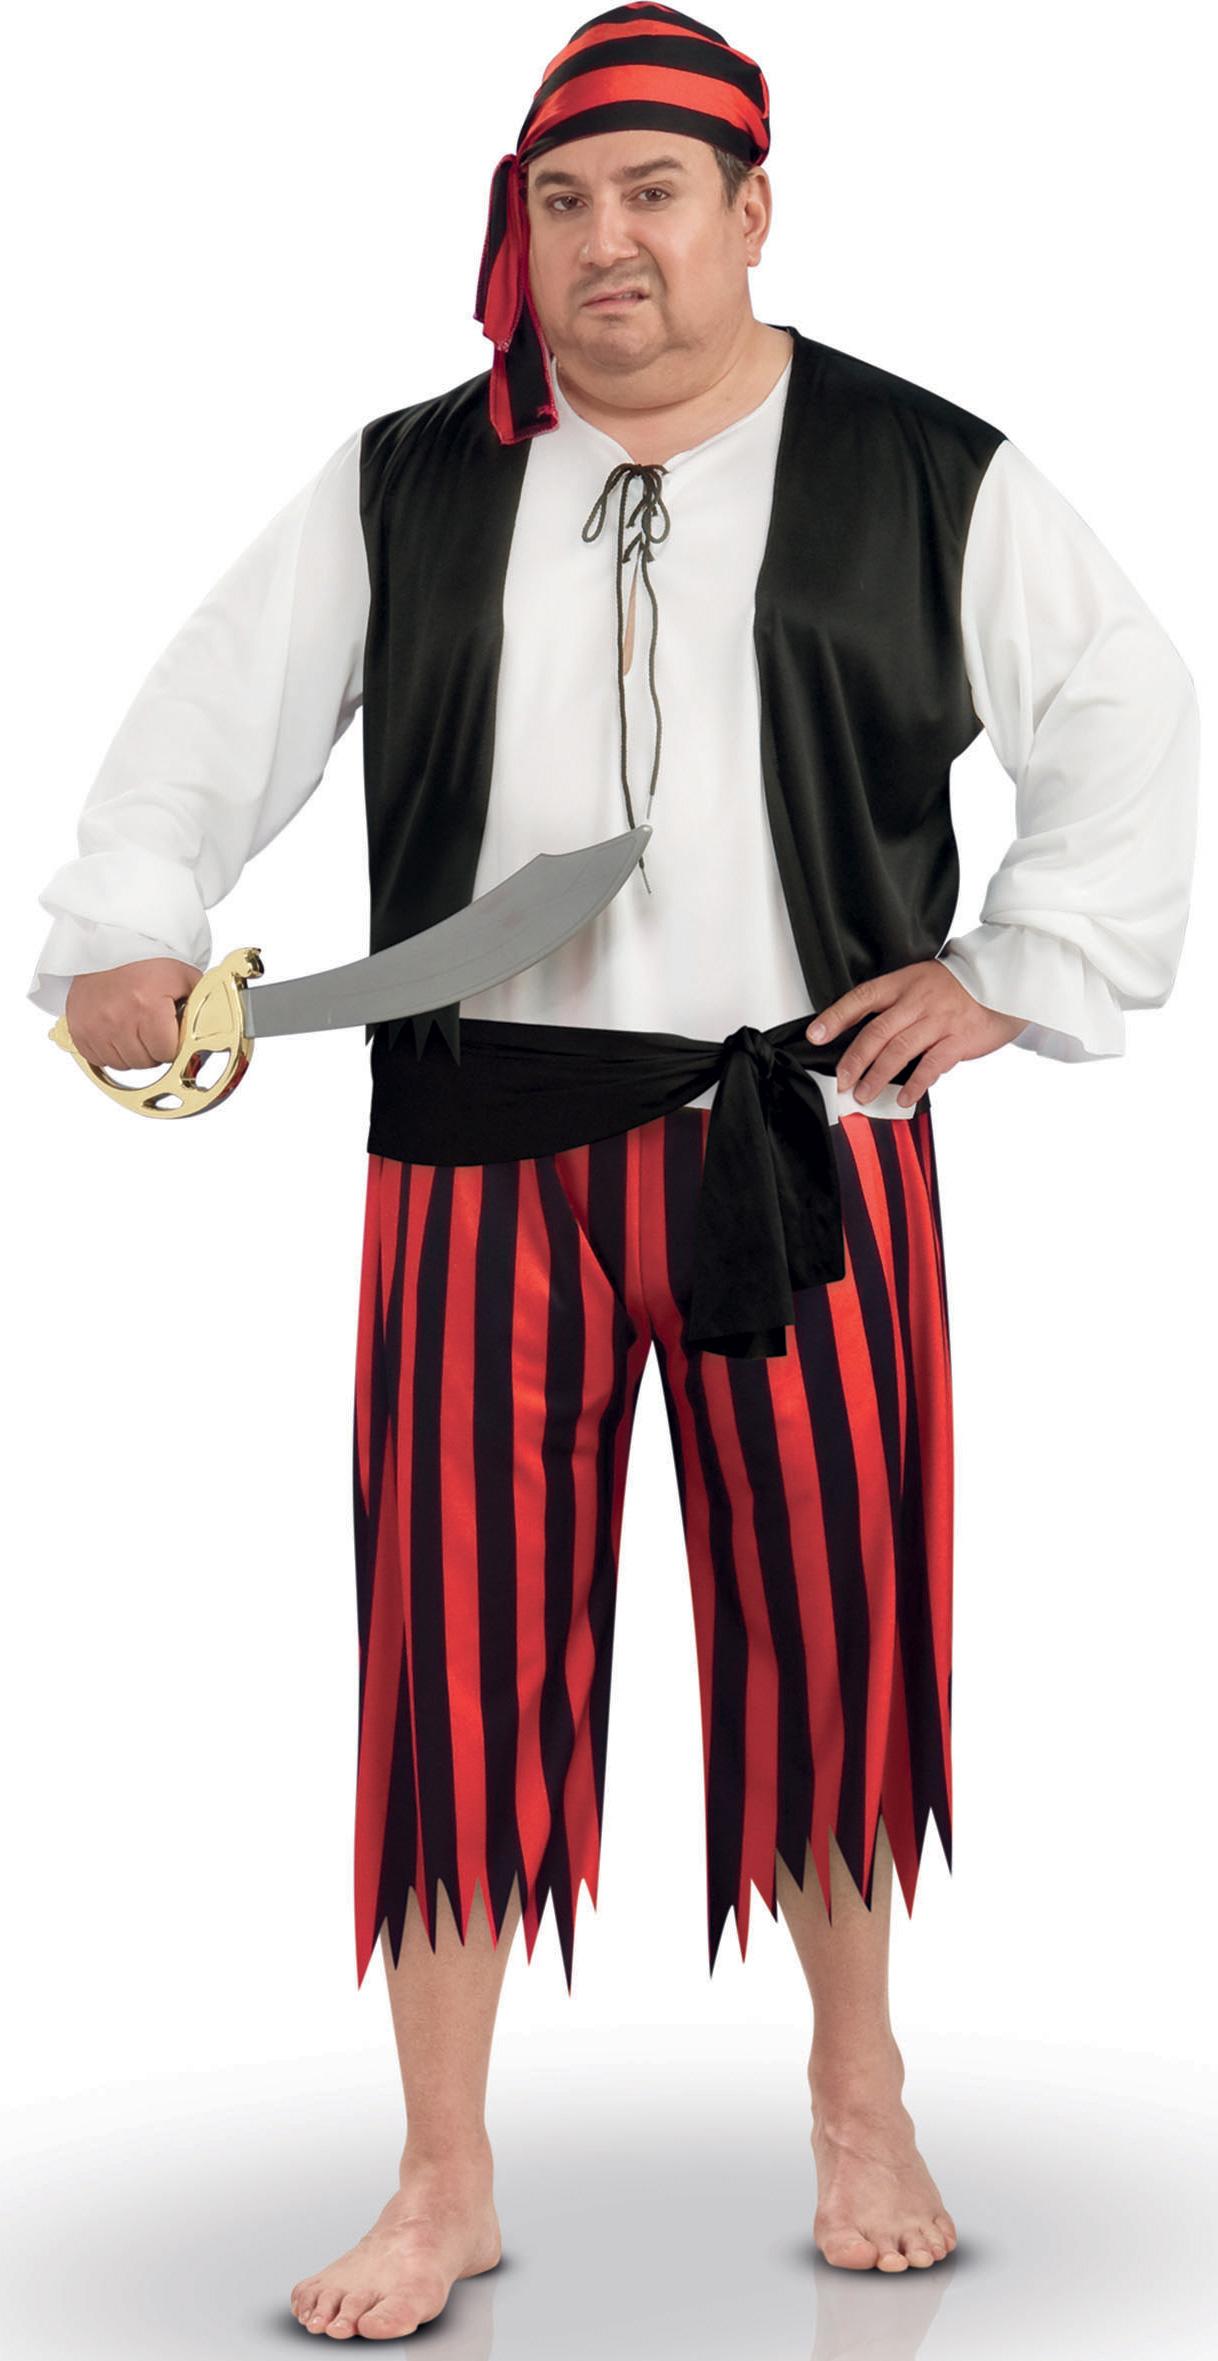 6a66e30e61f Déguisement Pirate ceinture noire homme   Deguise-toi